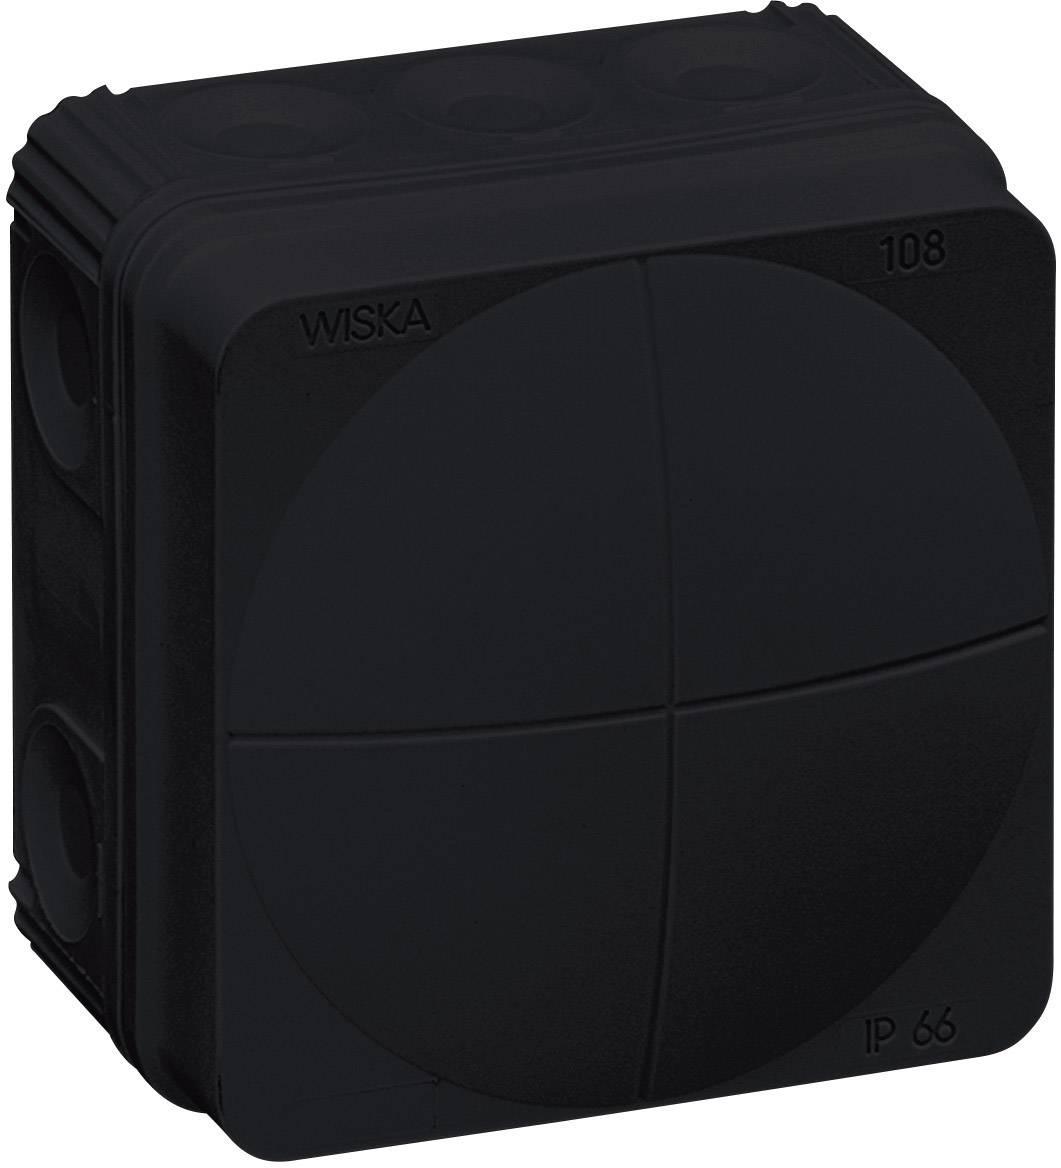 Rozbočovací krabice Wiska Combi 108, IP66, černá, 10061999